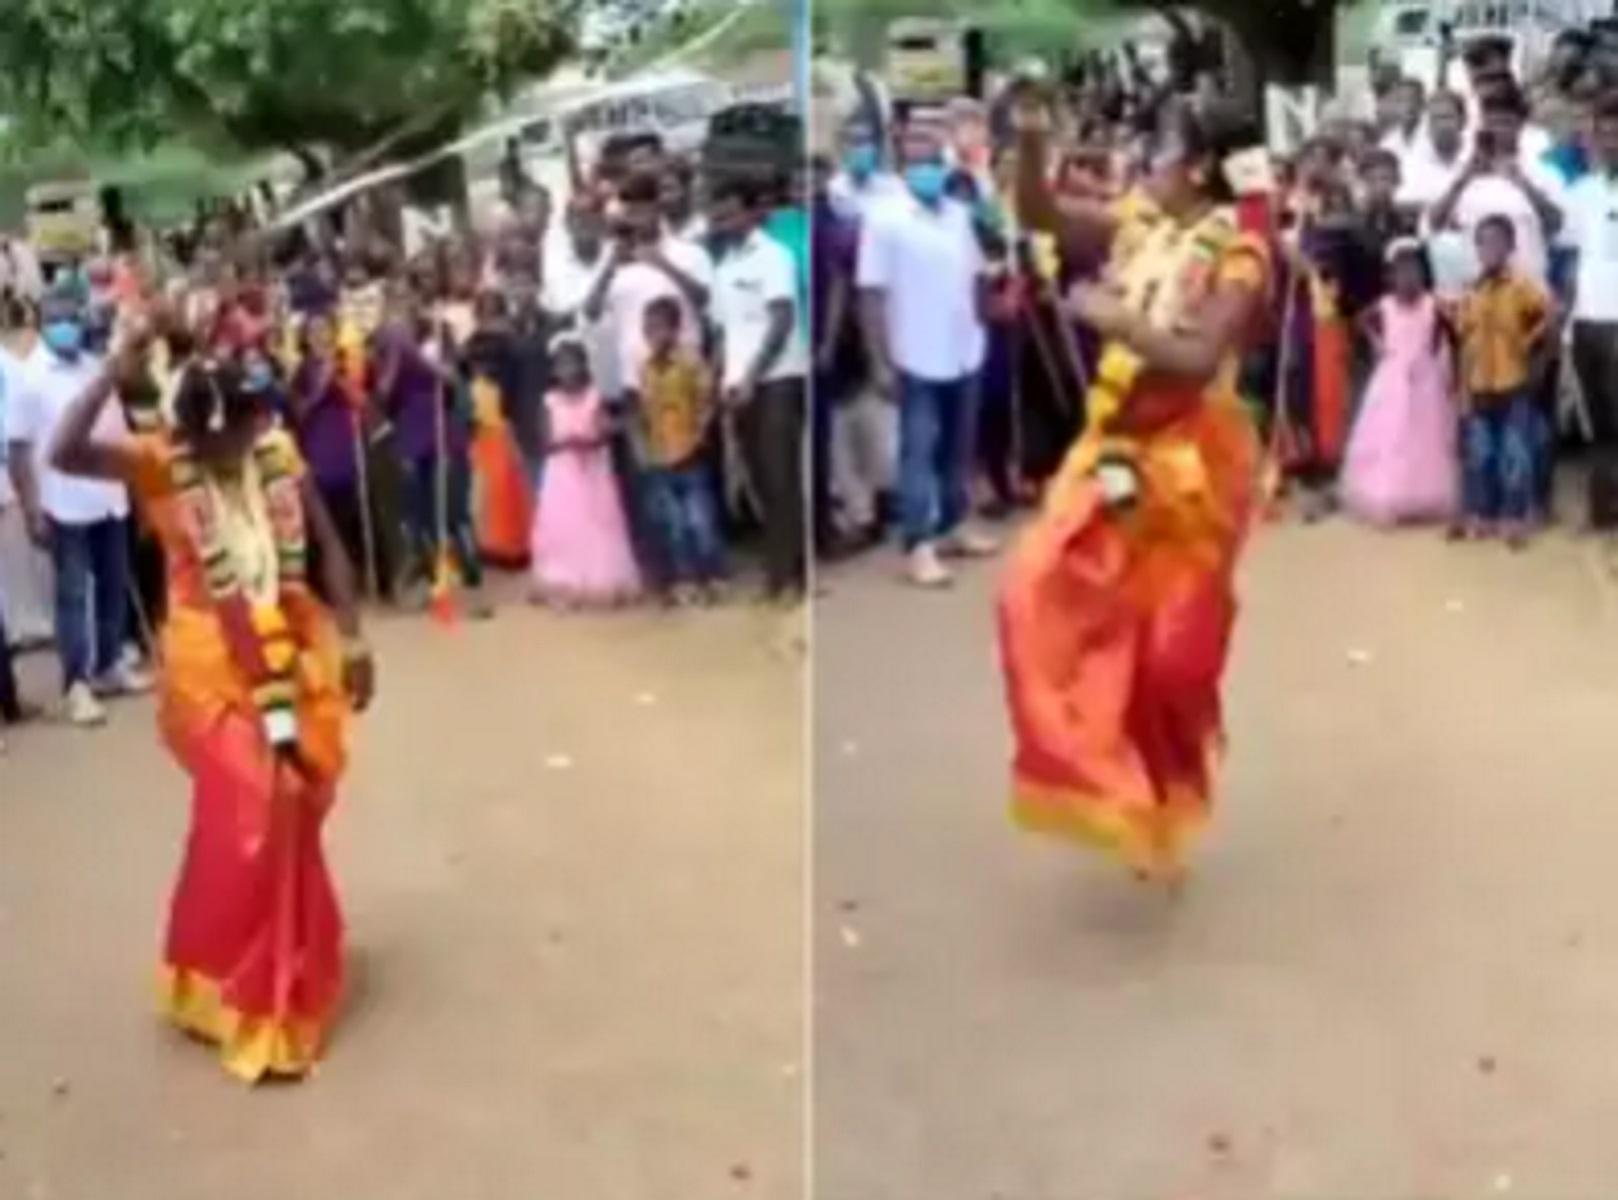 Η νύφη αντί να χορέψει παρουσίασε πολεμικές τέχνες